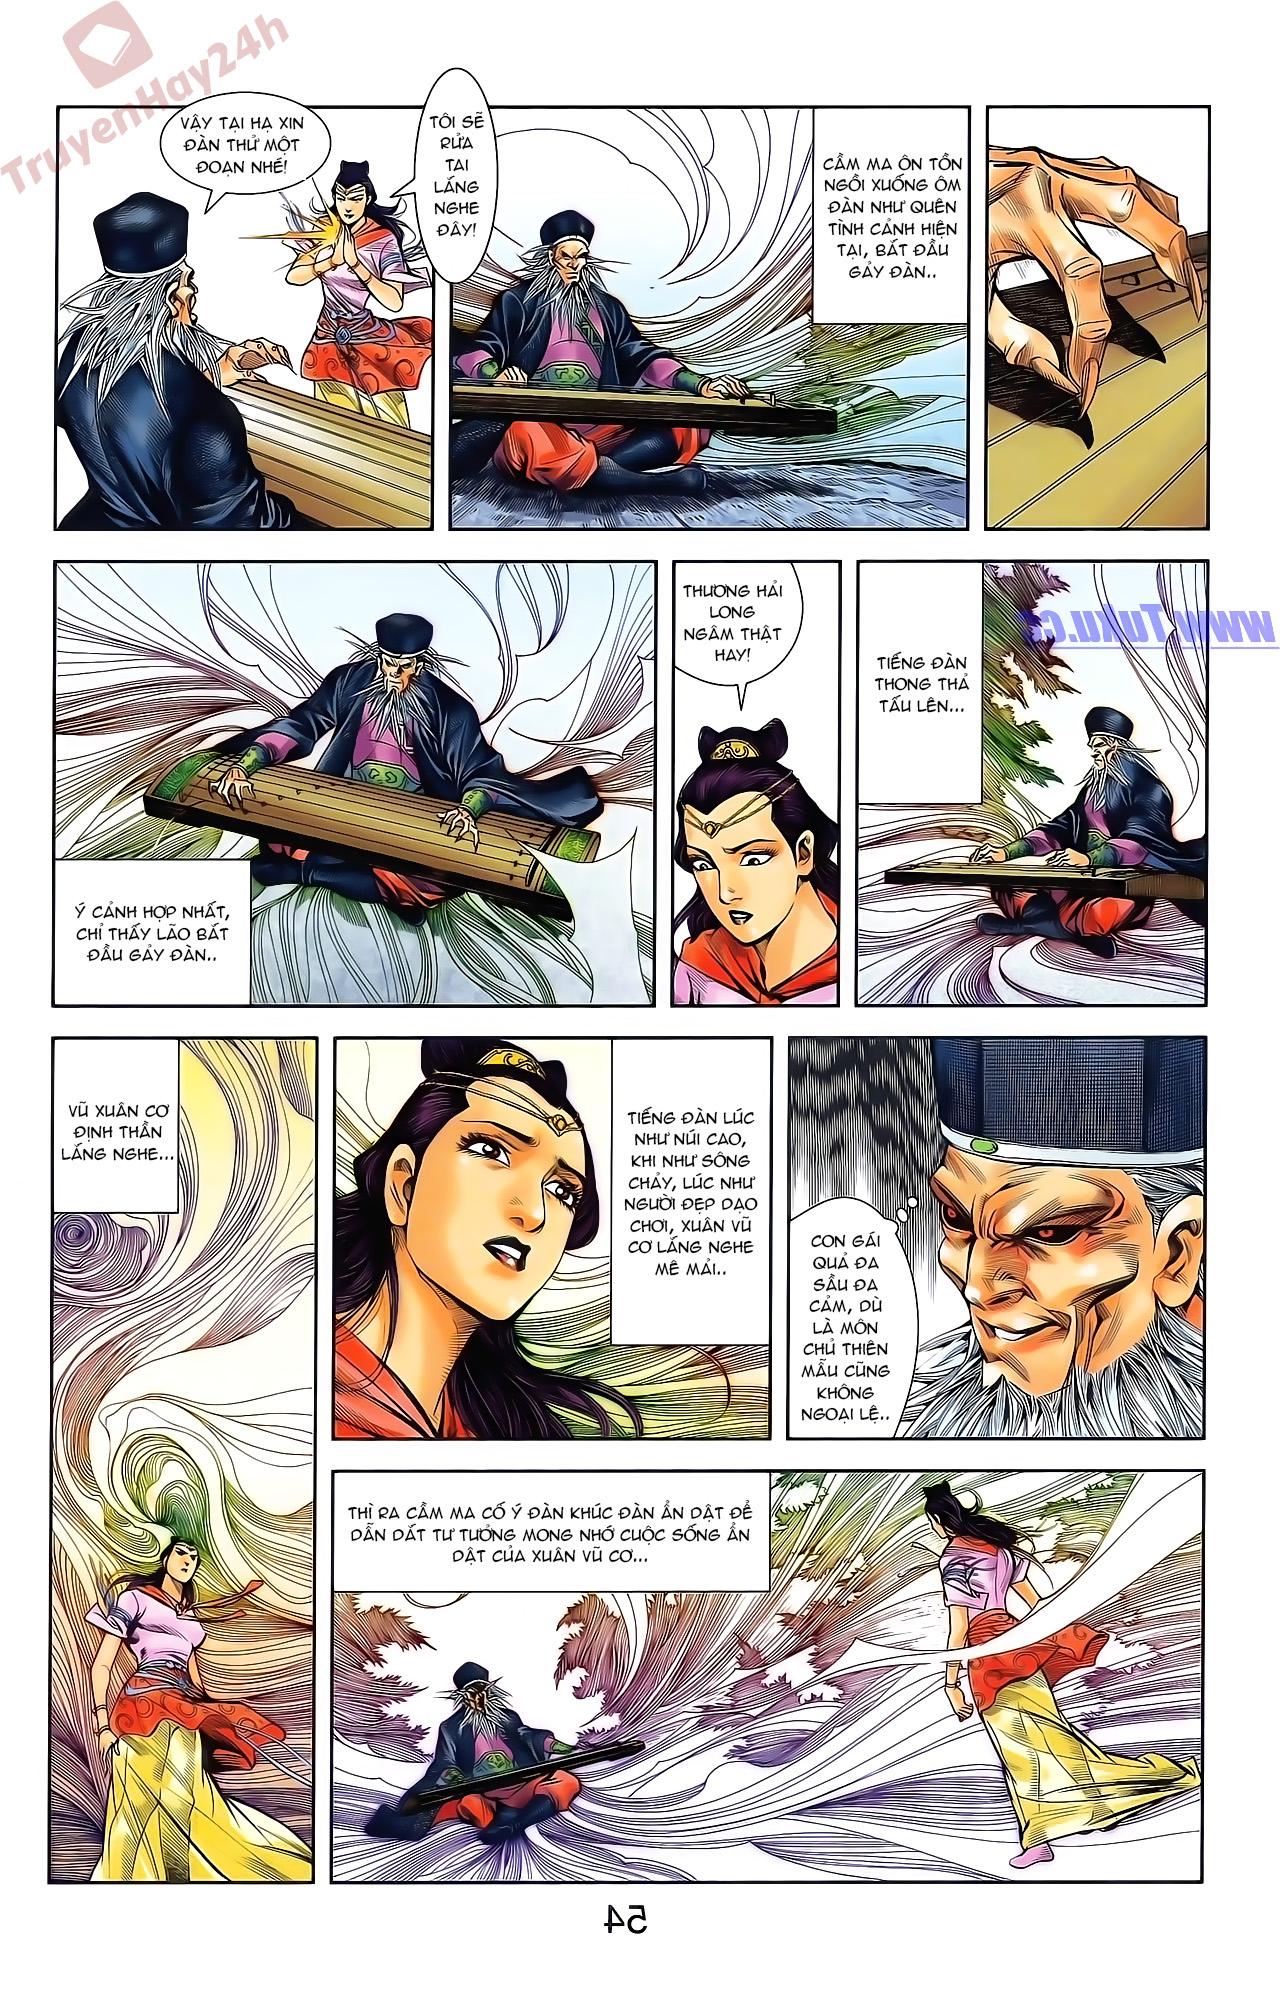 Tần Vương Doanh Chính chapter 46 trang 20